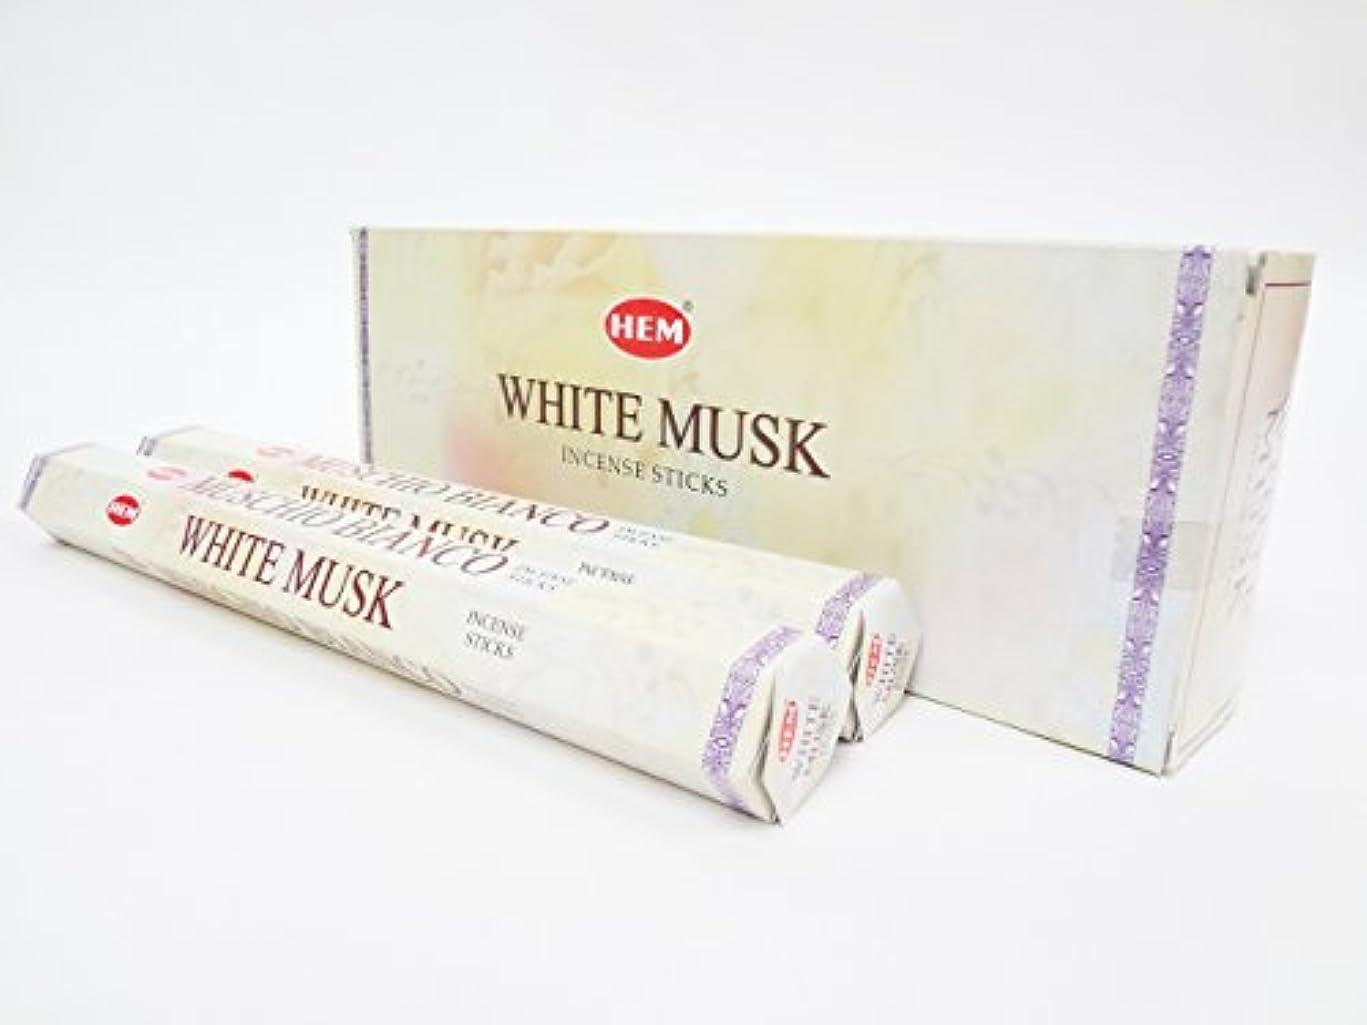 古風な機密バイオリンHEM ヘム ホワイトムスク WHITEMUSK ステック お香 6本 セット